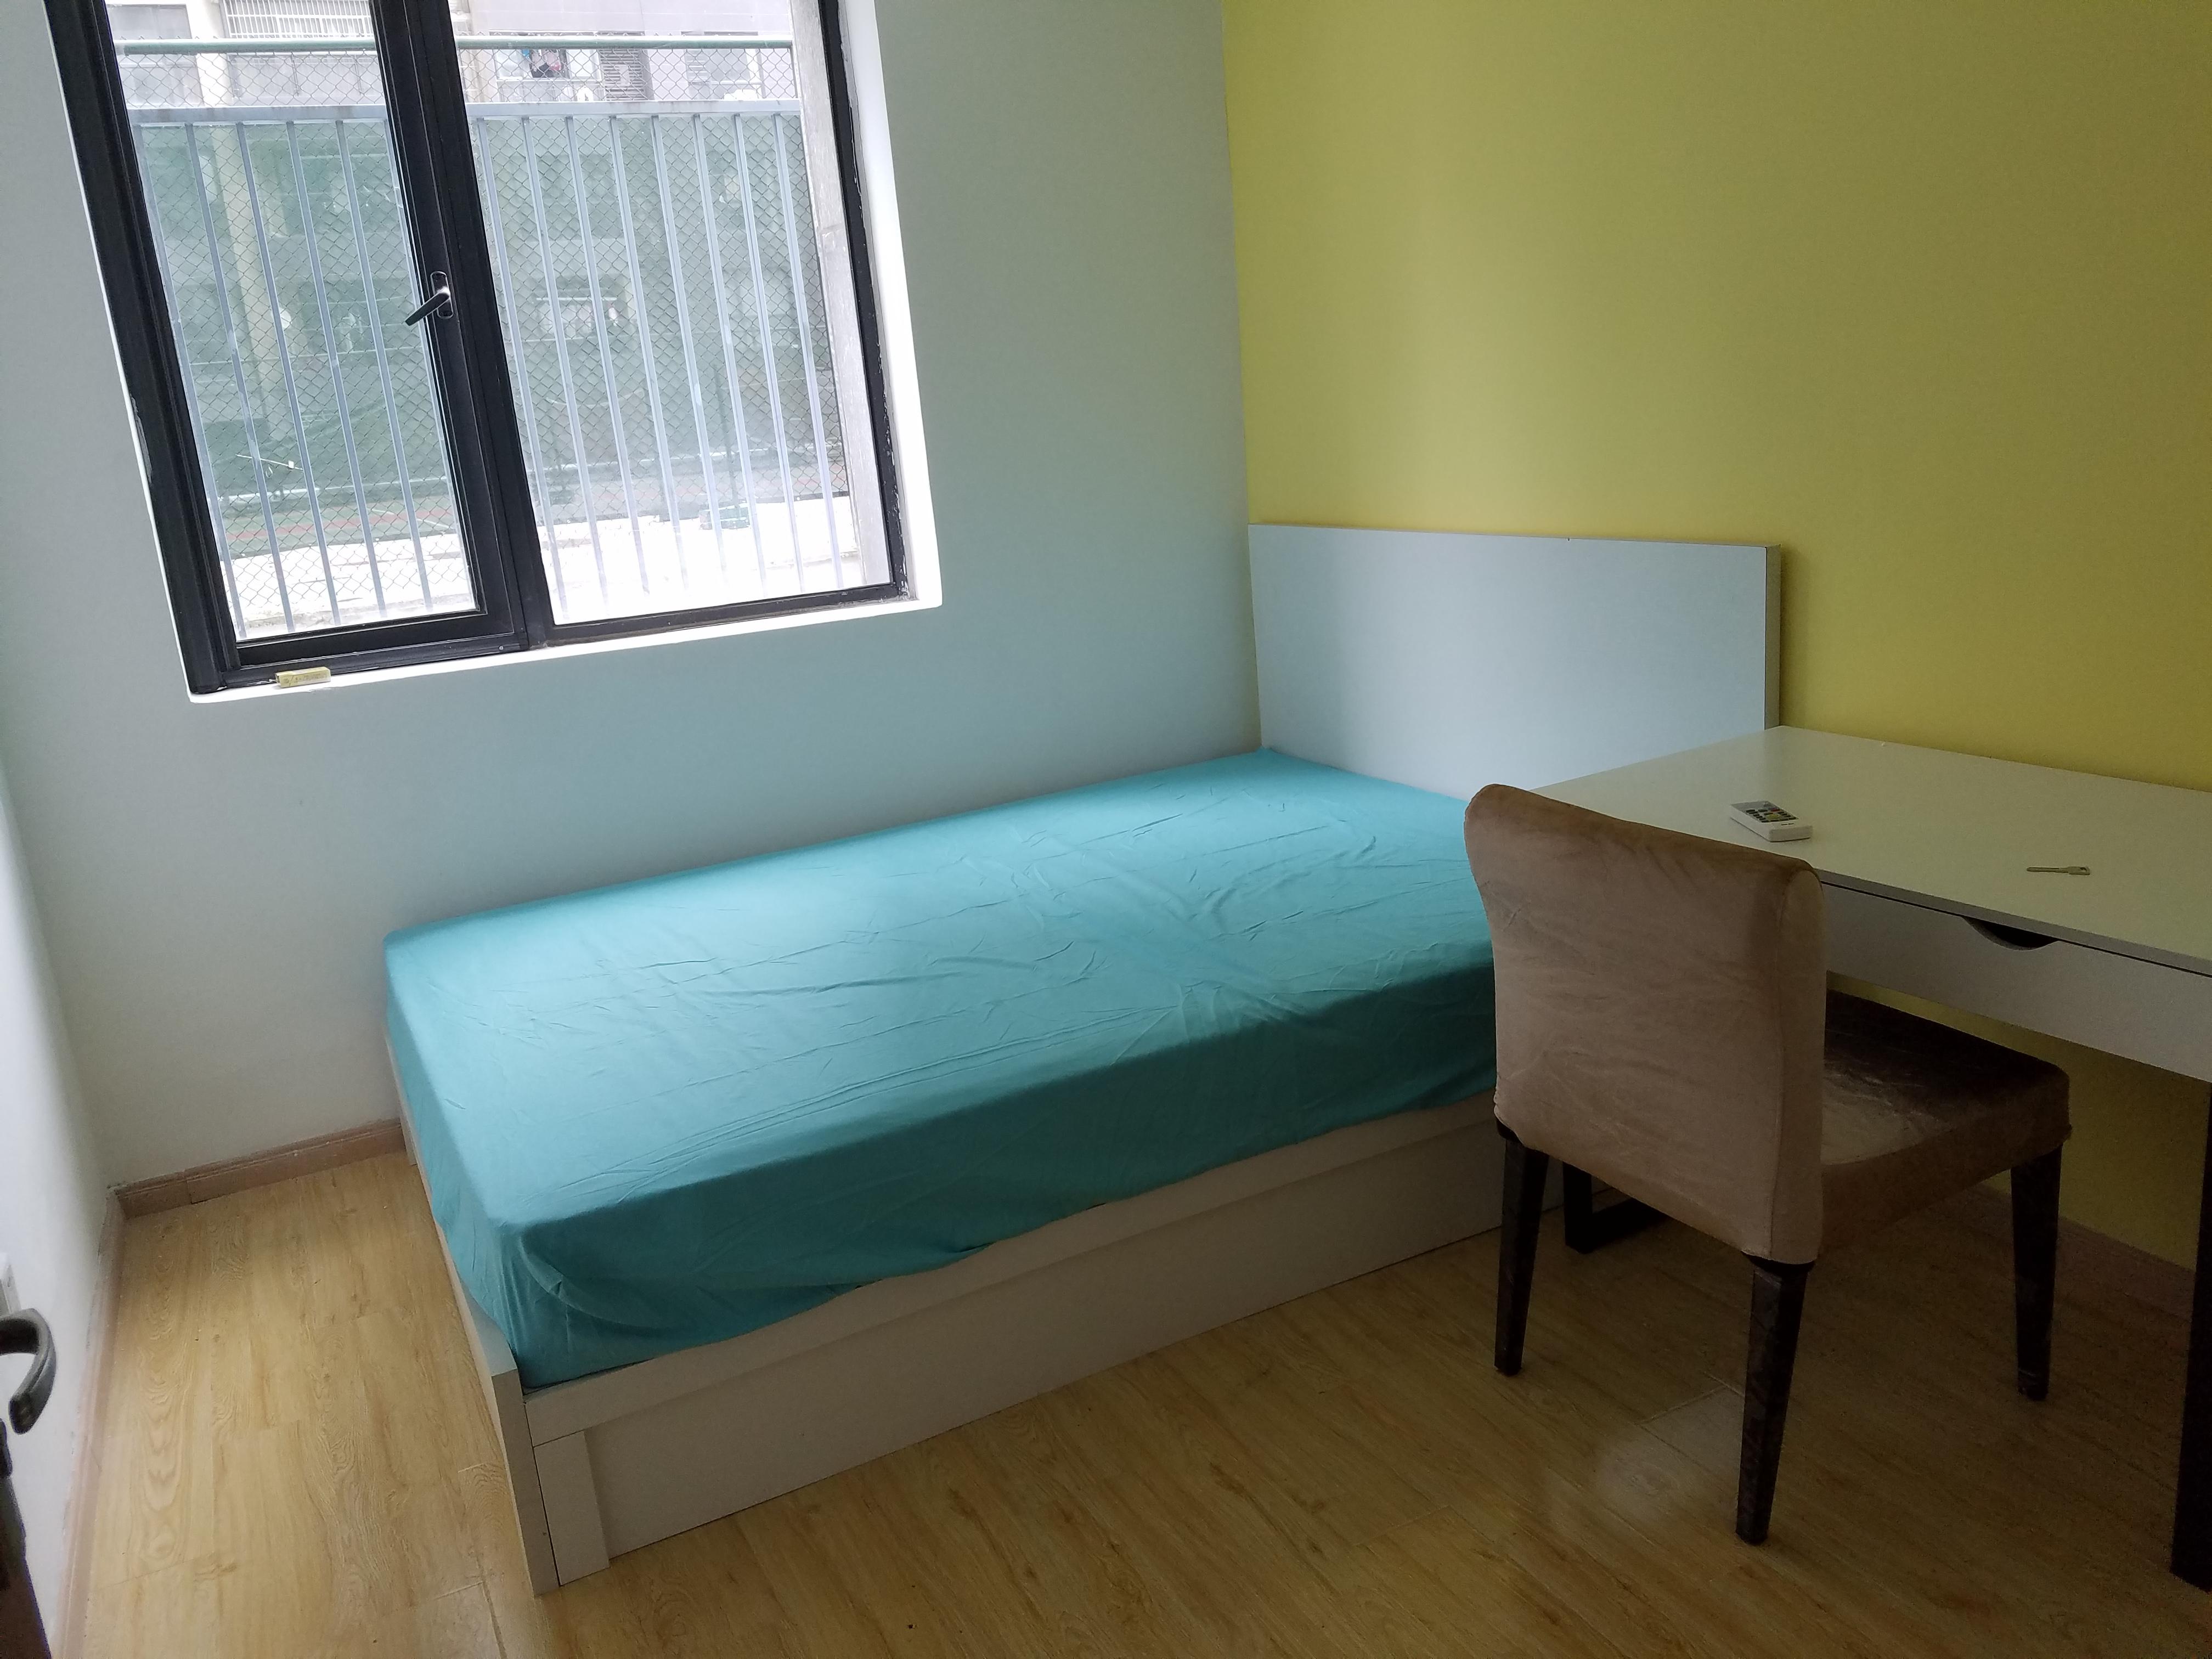 【合租】学林雅苑5室1厅RoomB